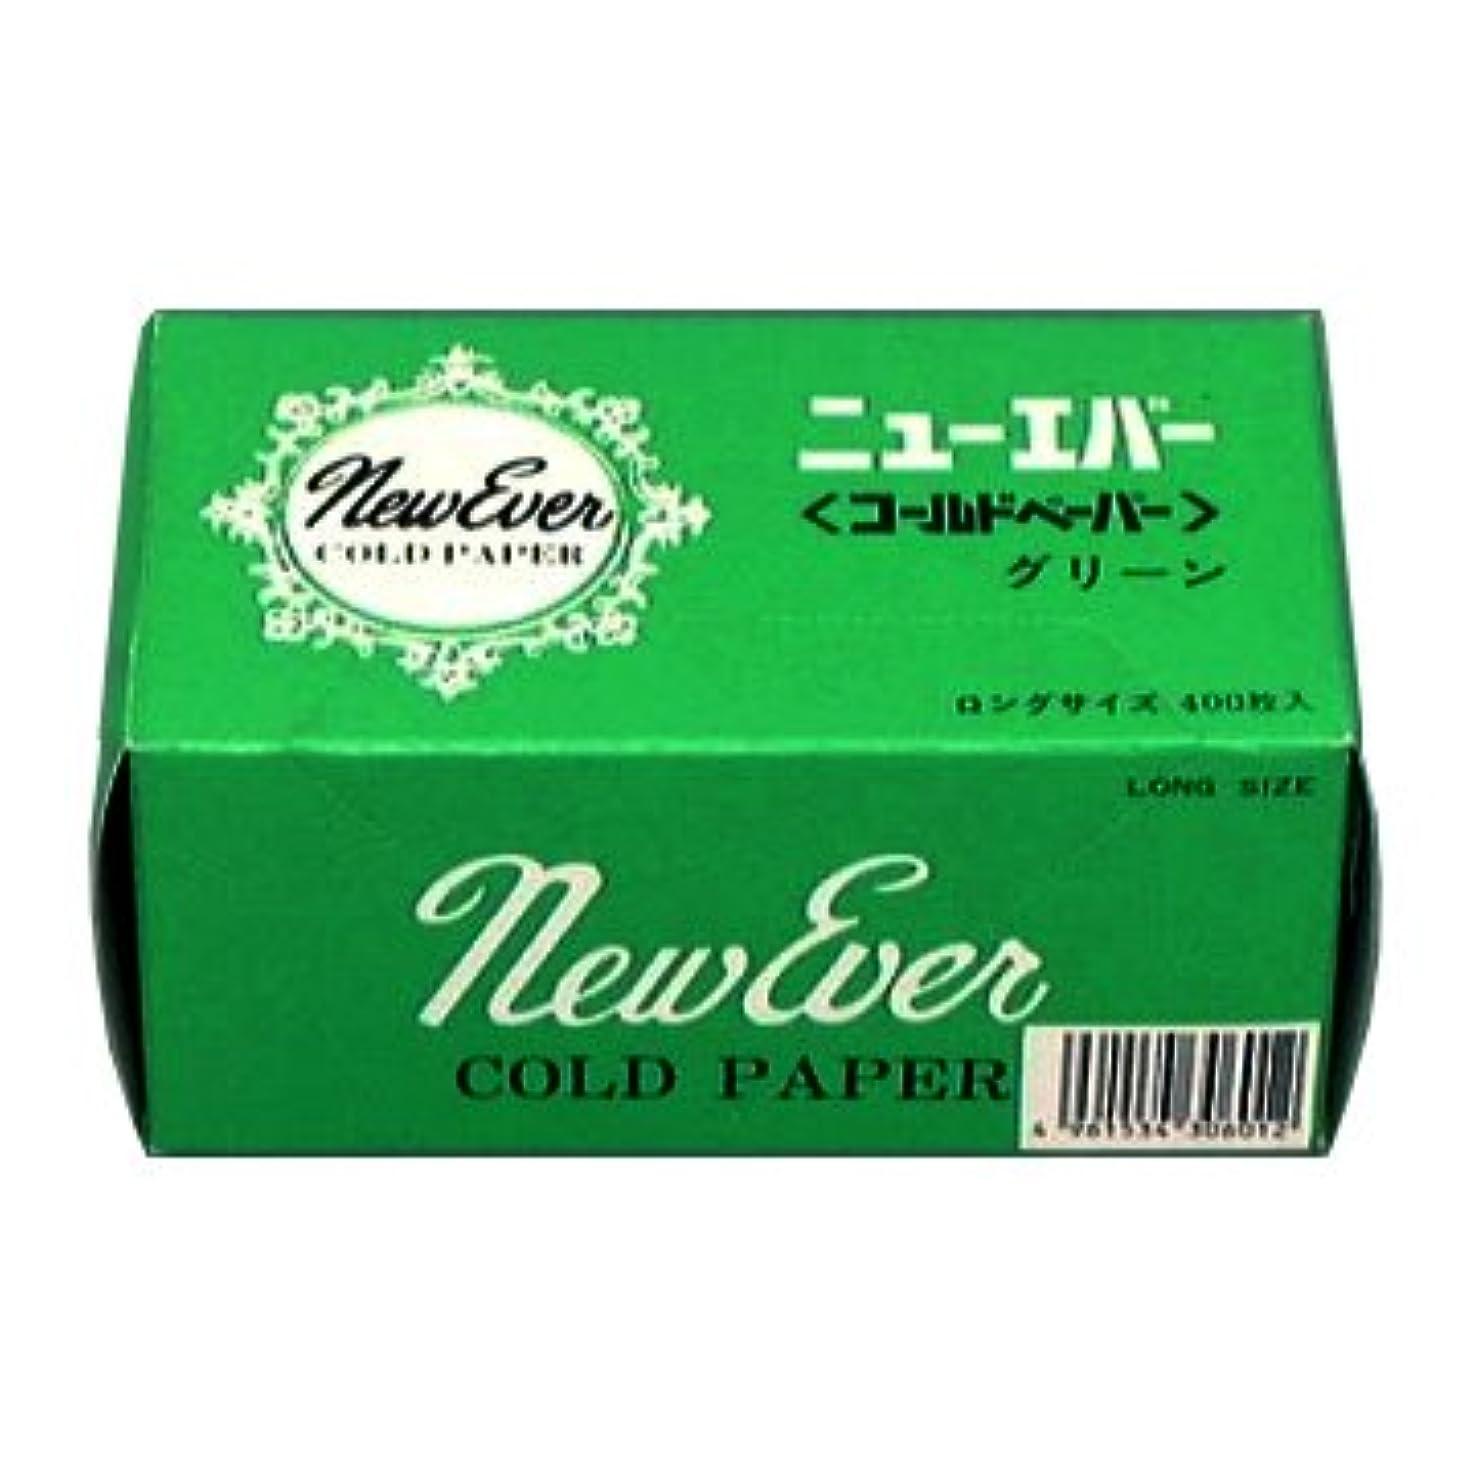 差し控える過剰お祝い米正 ニューエバー コールドペーパー グリーン ロングサイズ 400枚入